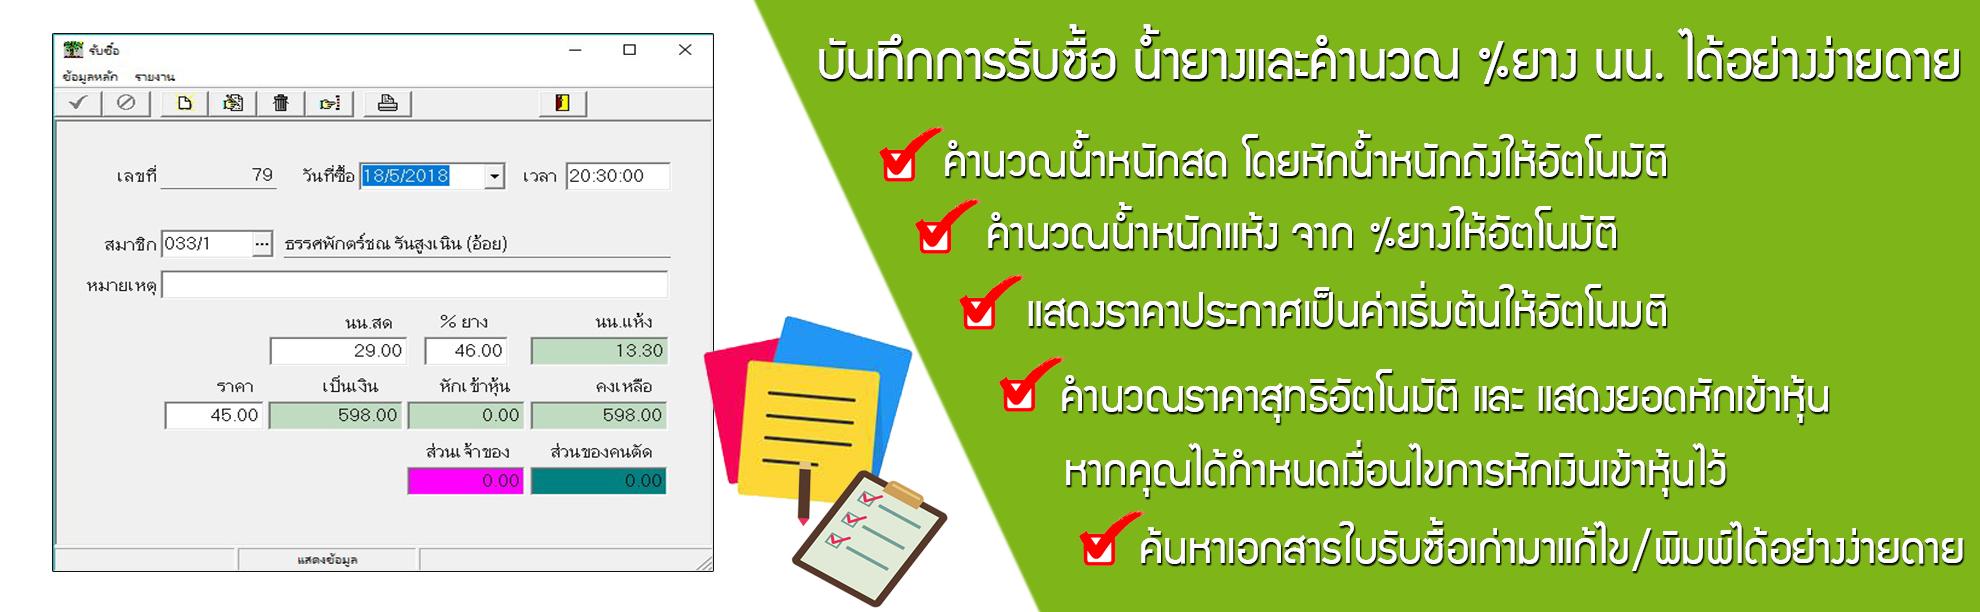 บันทึกรับซื้อน้ำยางและคำนวณน้ำหนัก-ฟังก์ชั่นโปรแกรมสหกรณ์ thailatexcoop